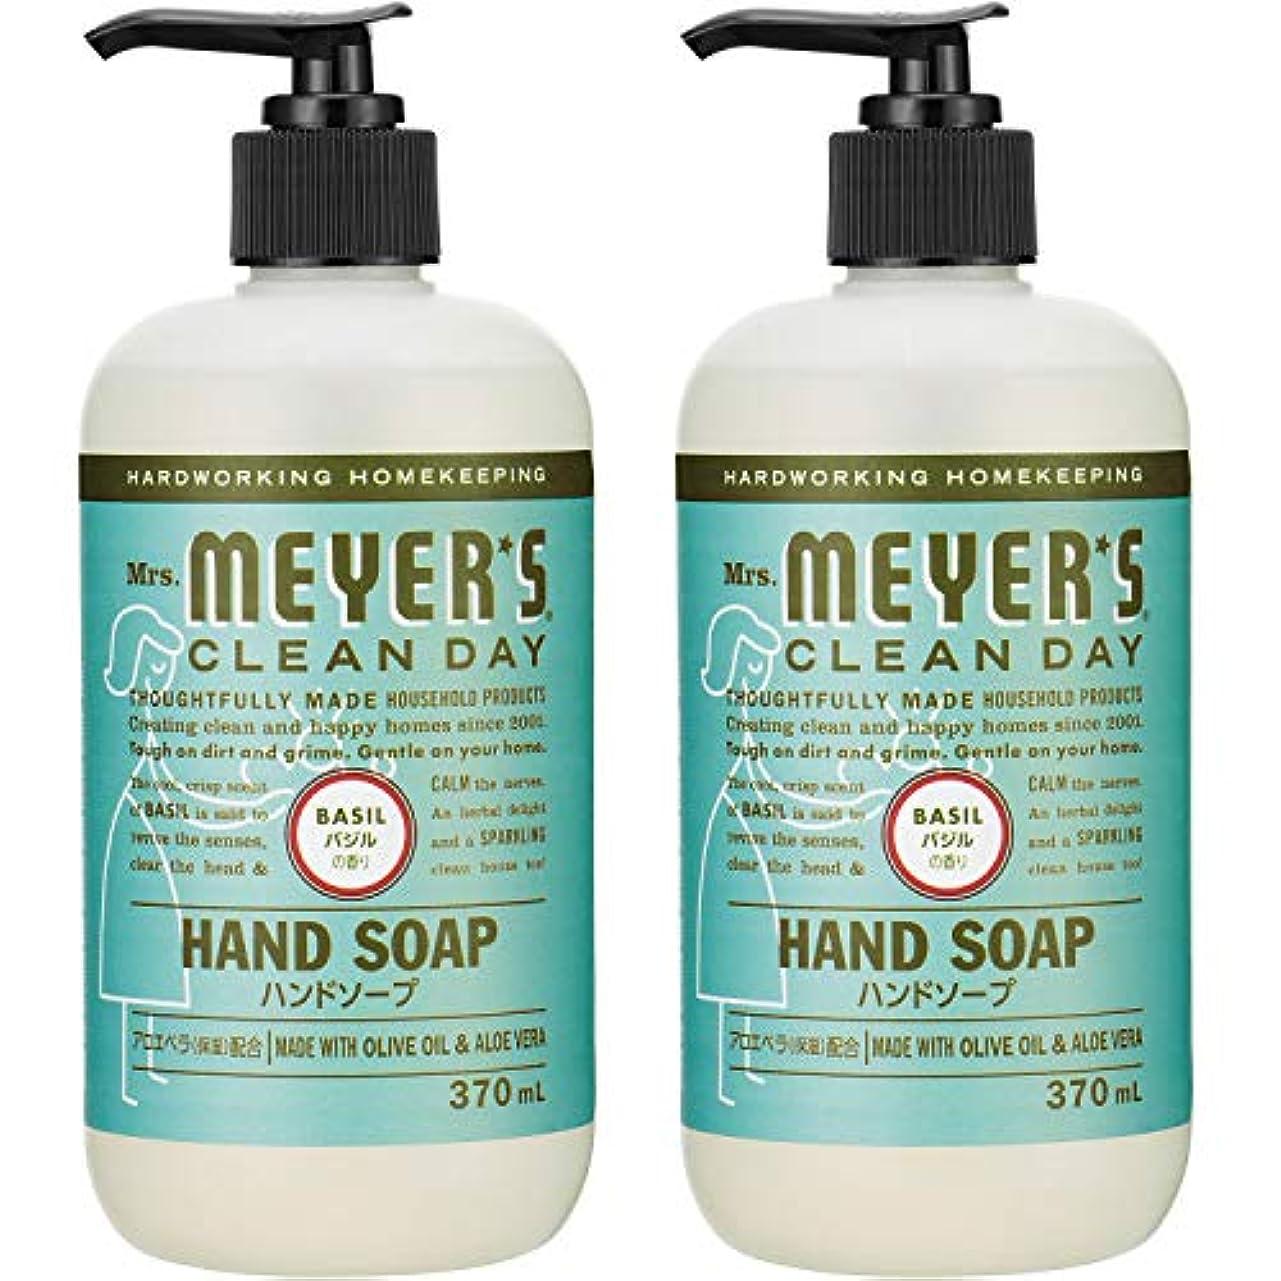 ヘルパーピアノ助けてMrs. MEYER'S CLEAN DAY(ミセスマイヤーズ クリーンデイ) ミセスマイヤーズ クリーンデイ(Mrs.Meyers Clean Day) ハンドソープ バジルの香り 370ml×2個